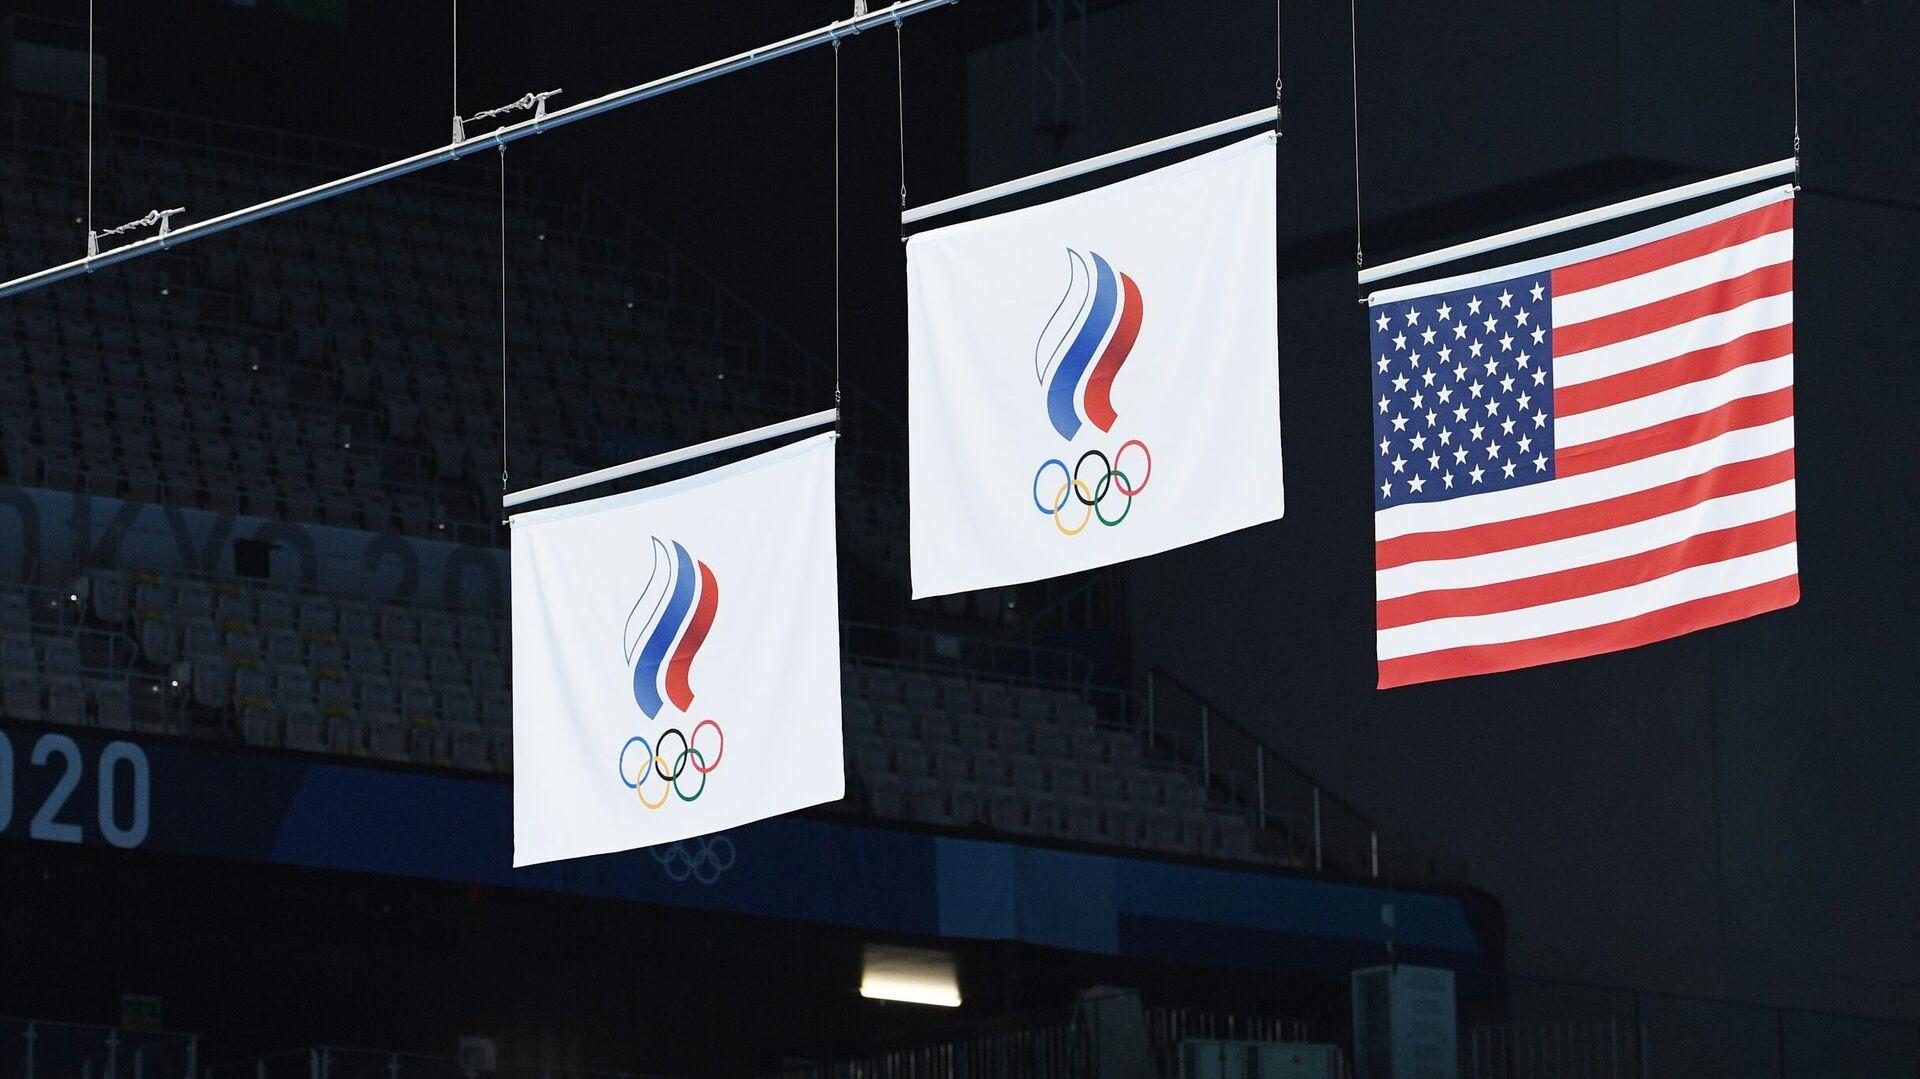 Флаги Олимпийского комитета России (ОКР) и США на Олимпиаде-2020 в Токио - РИА Новости, 1920, 30.07.2021